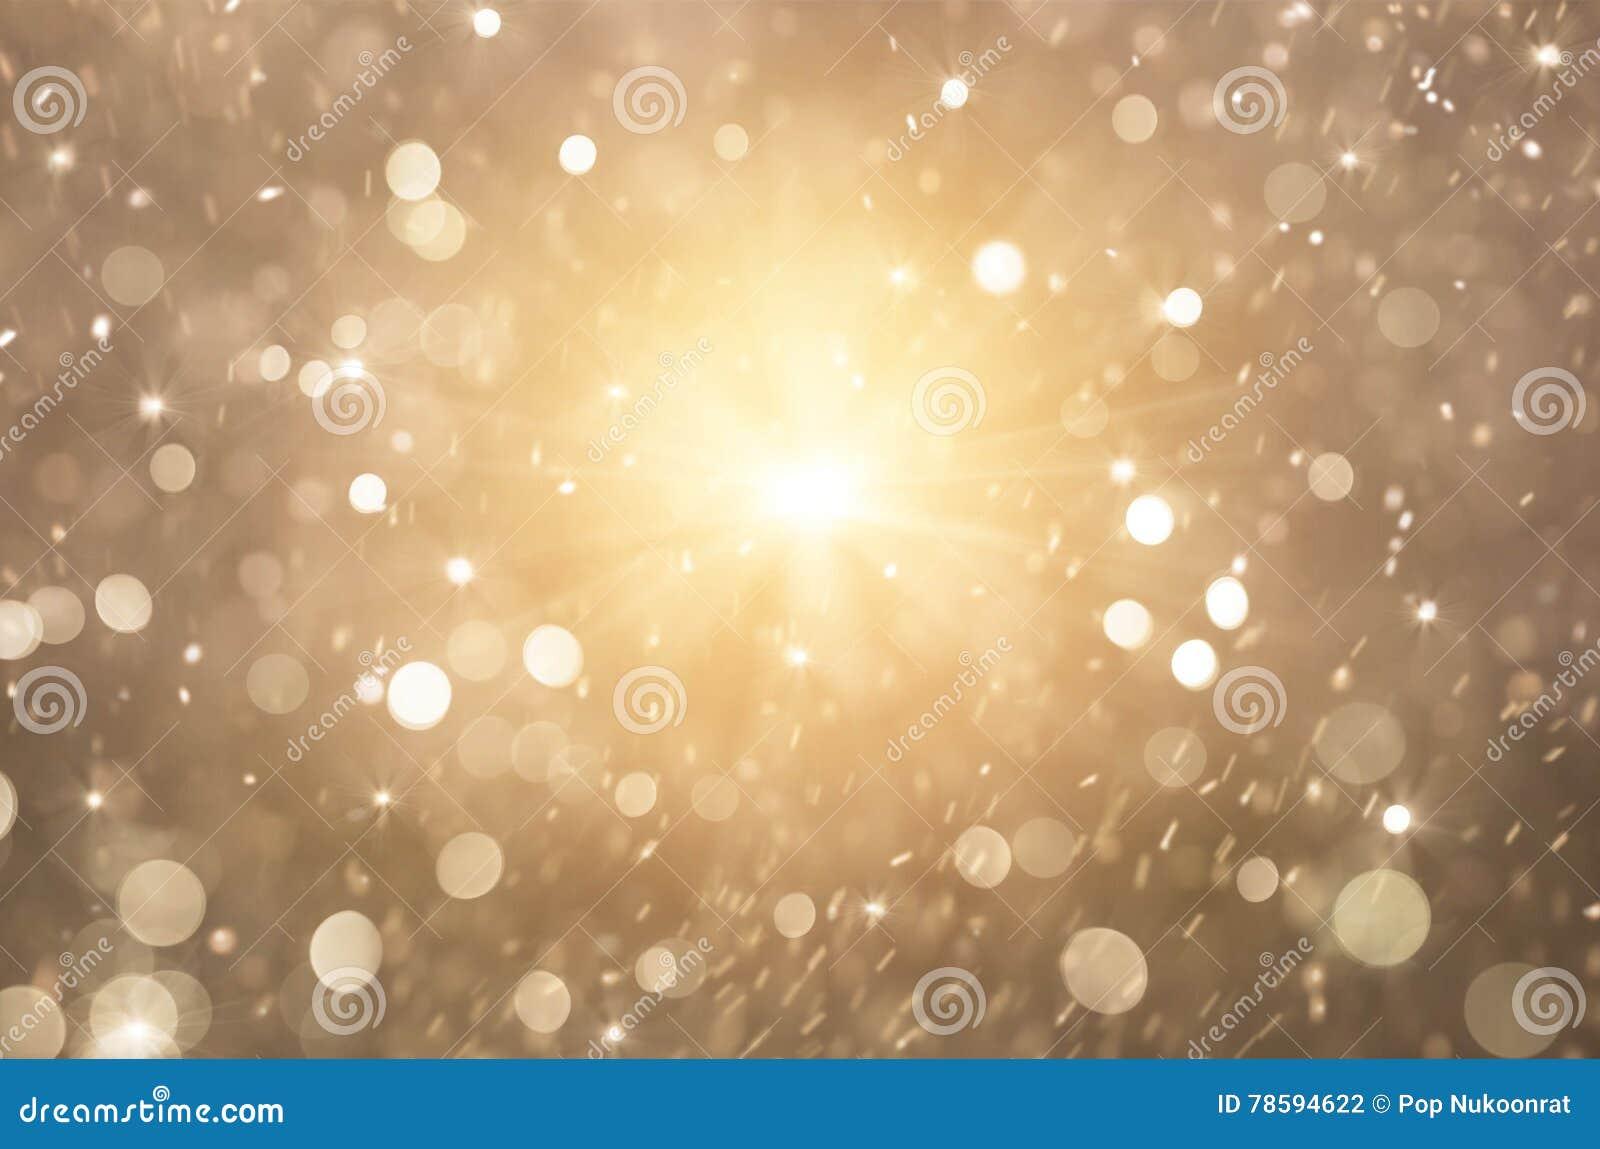 Blänka guld- ljus bakgrund, julljus och göra sammandrag blinkande stjärnor